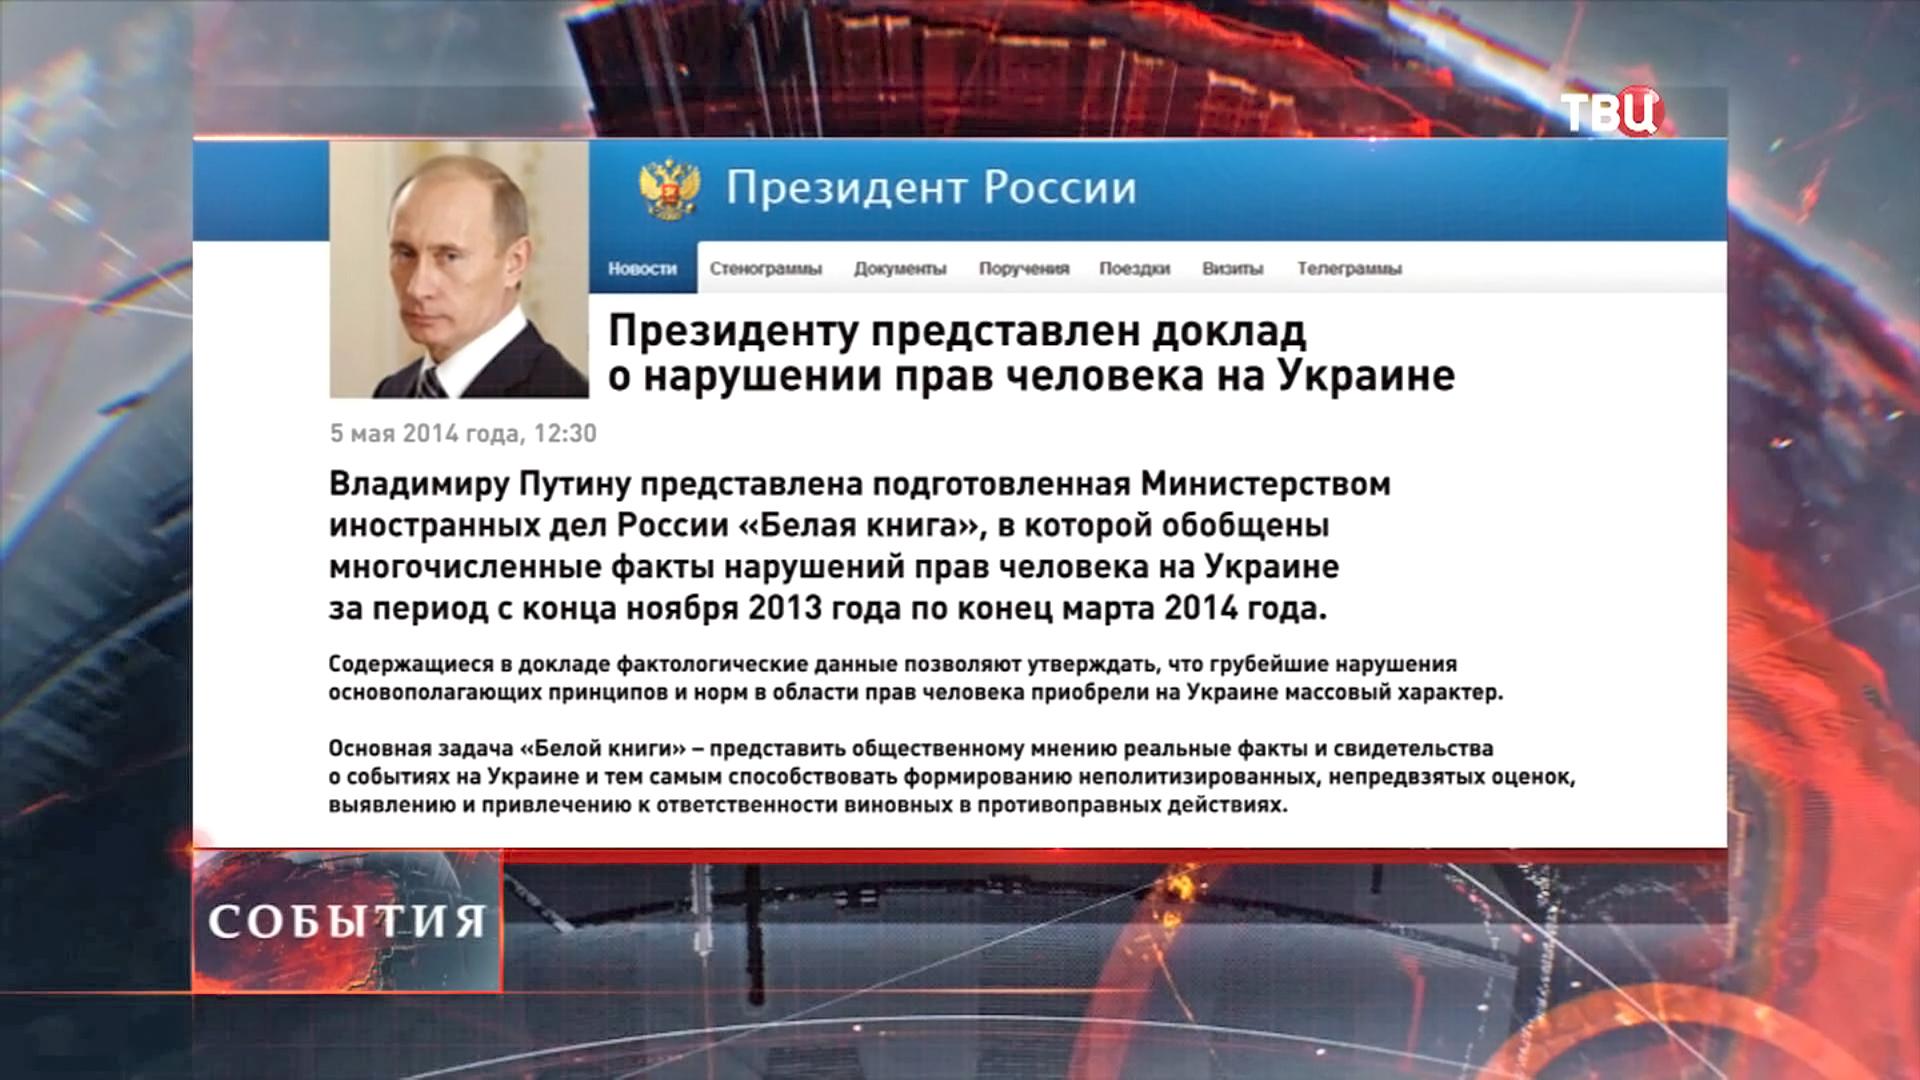 Доклад о нарушении прав человека на Украине